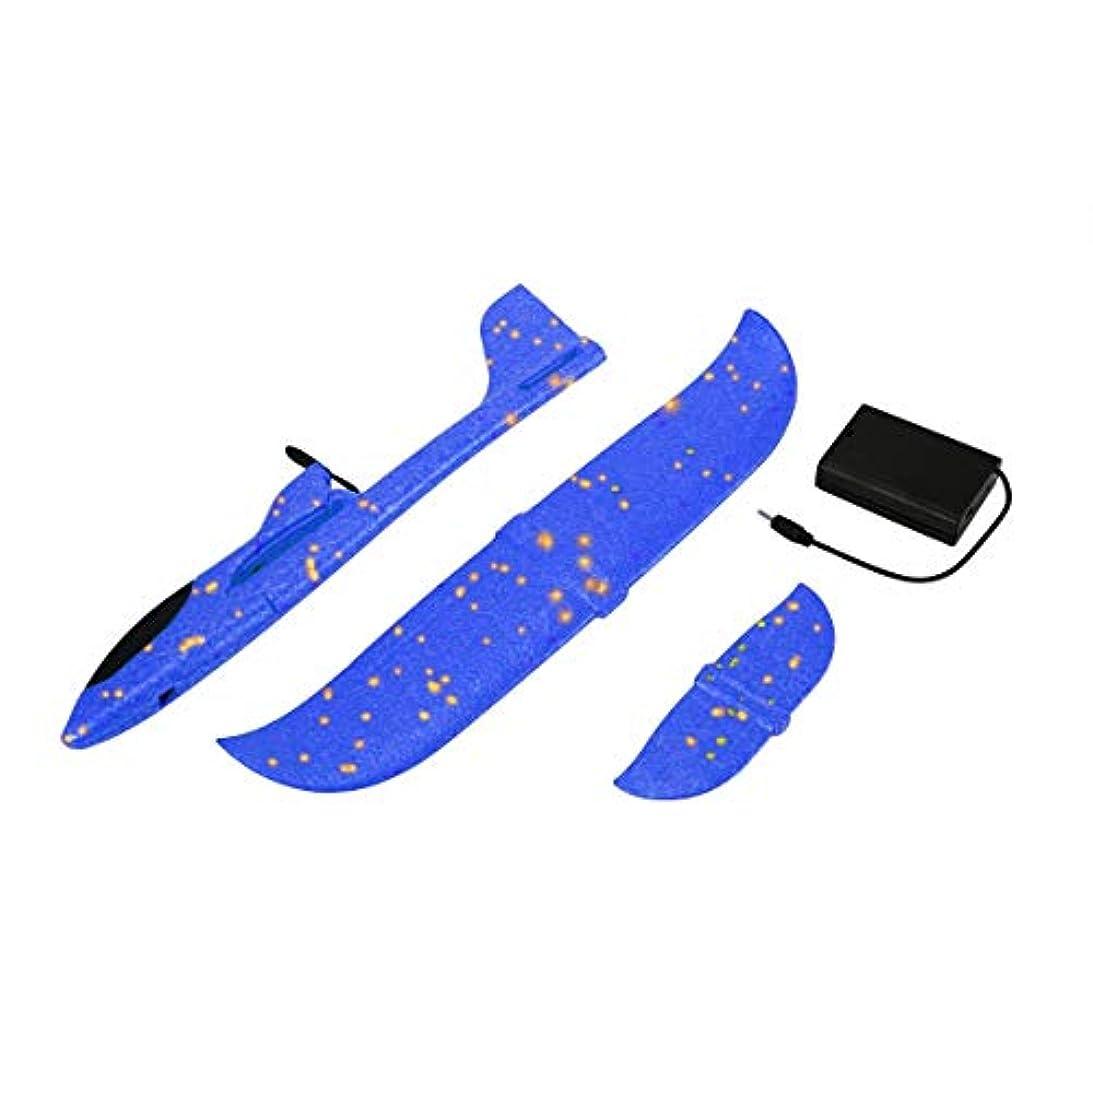 ファブリック膨張する輸血DIY電動アシストグライダー泡動力飛行飛行機充電式電動航空機モデル教育玩具子供のため